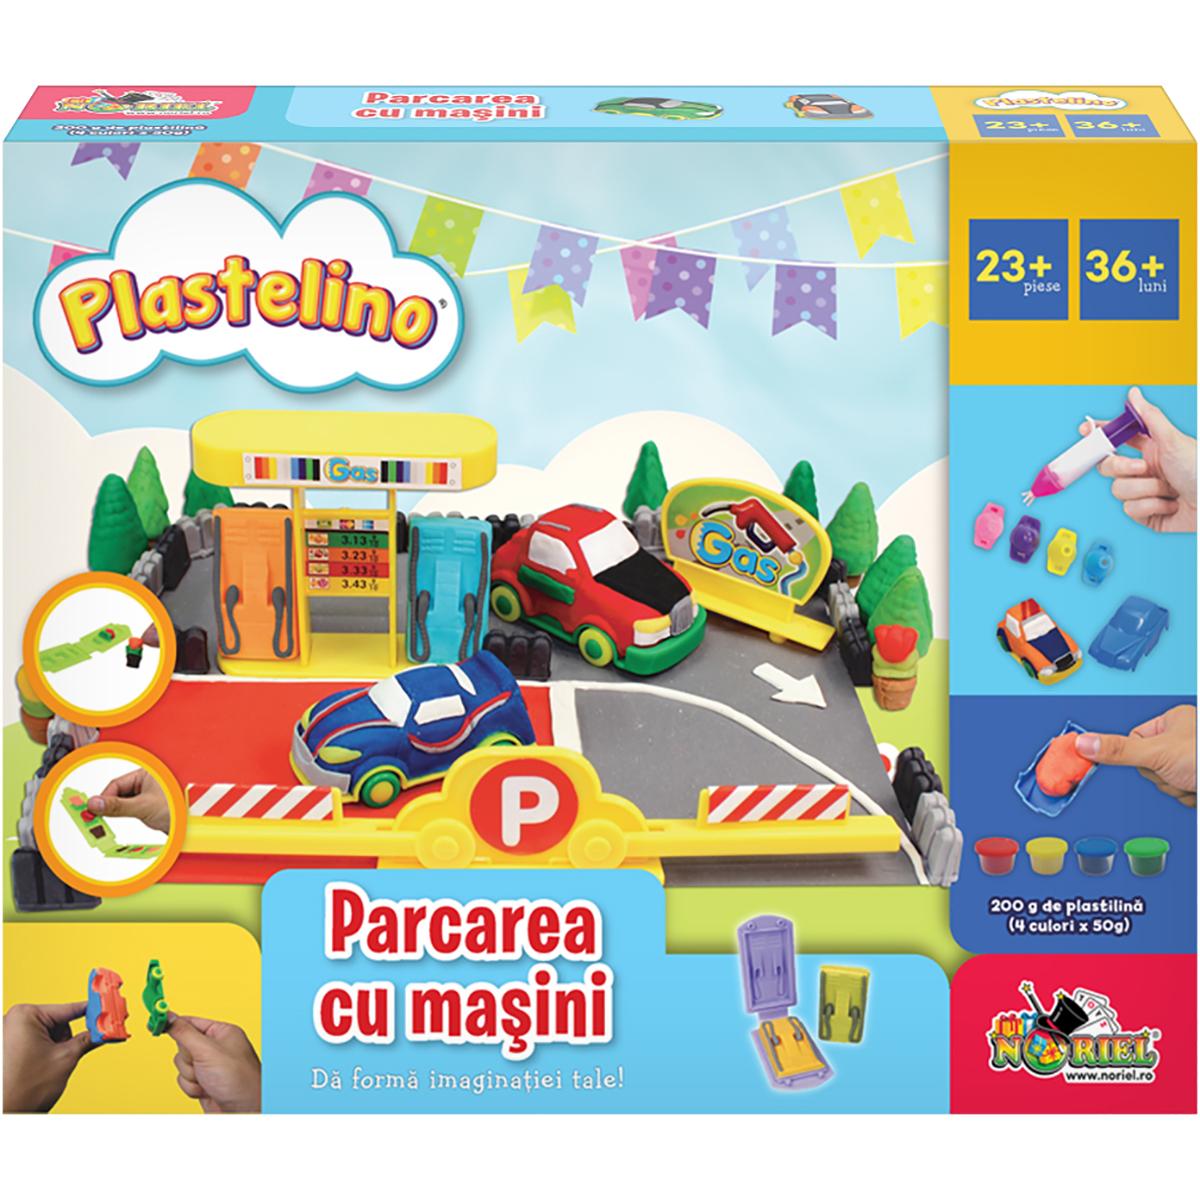 Set de joaca Plastelino. Parcarea cu masini